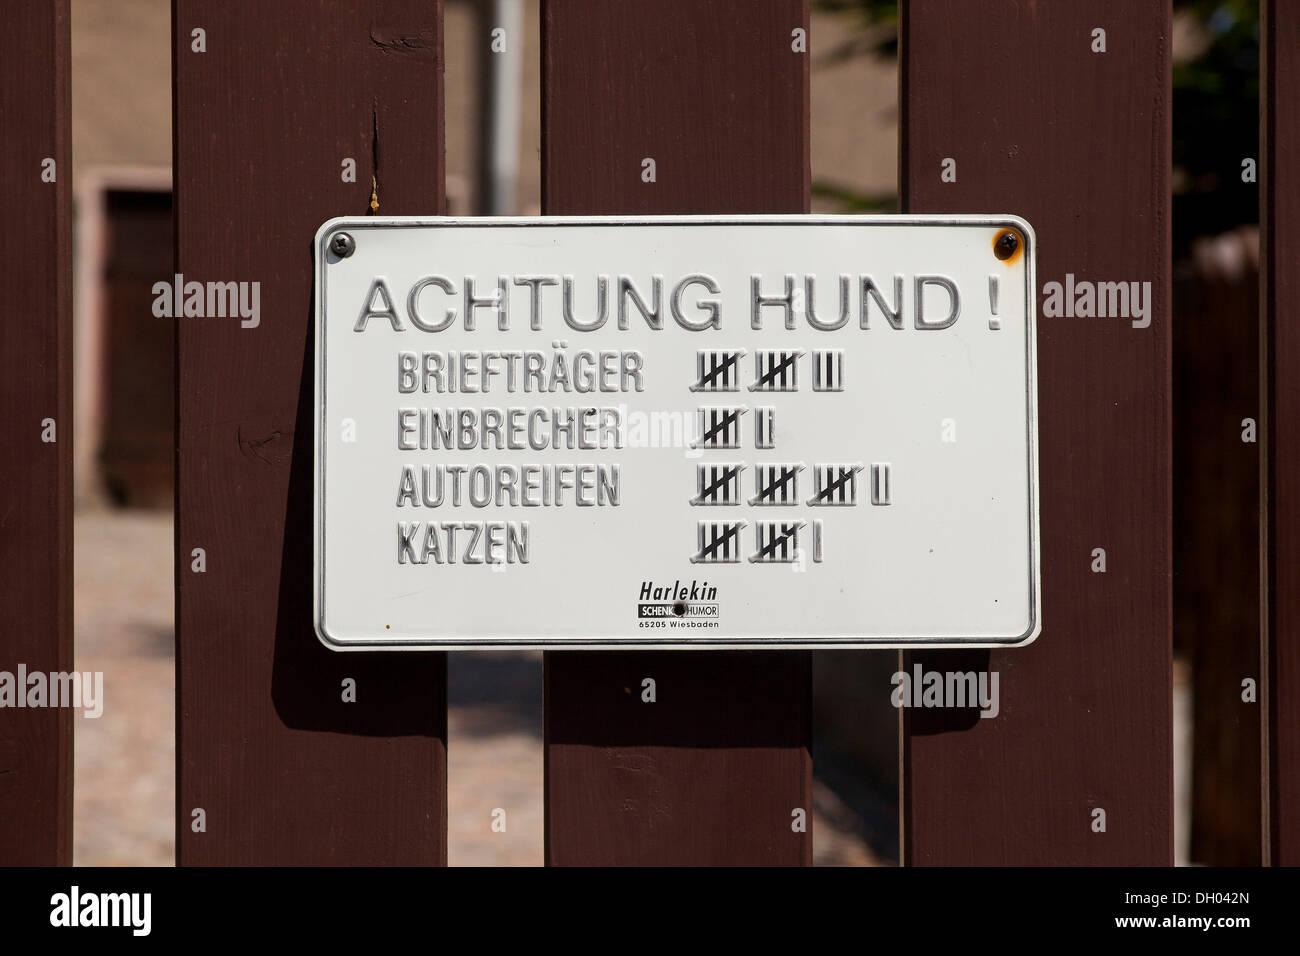 schilder schriftzug achtung hund deutsch f r warnung vor dem hunde mit einer strichliste. Black Bedroom Furniture Sets. Home Design Ideas